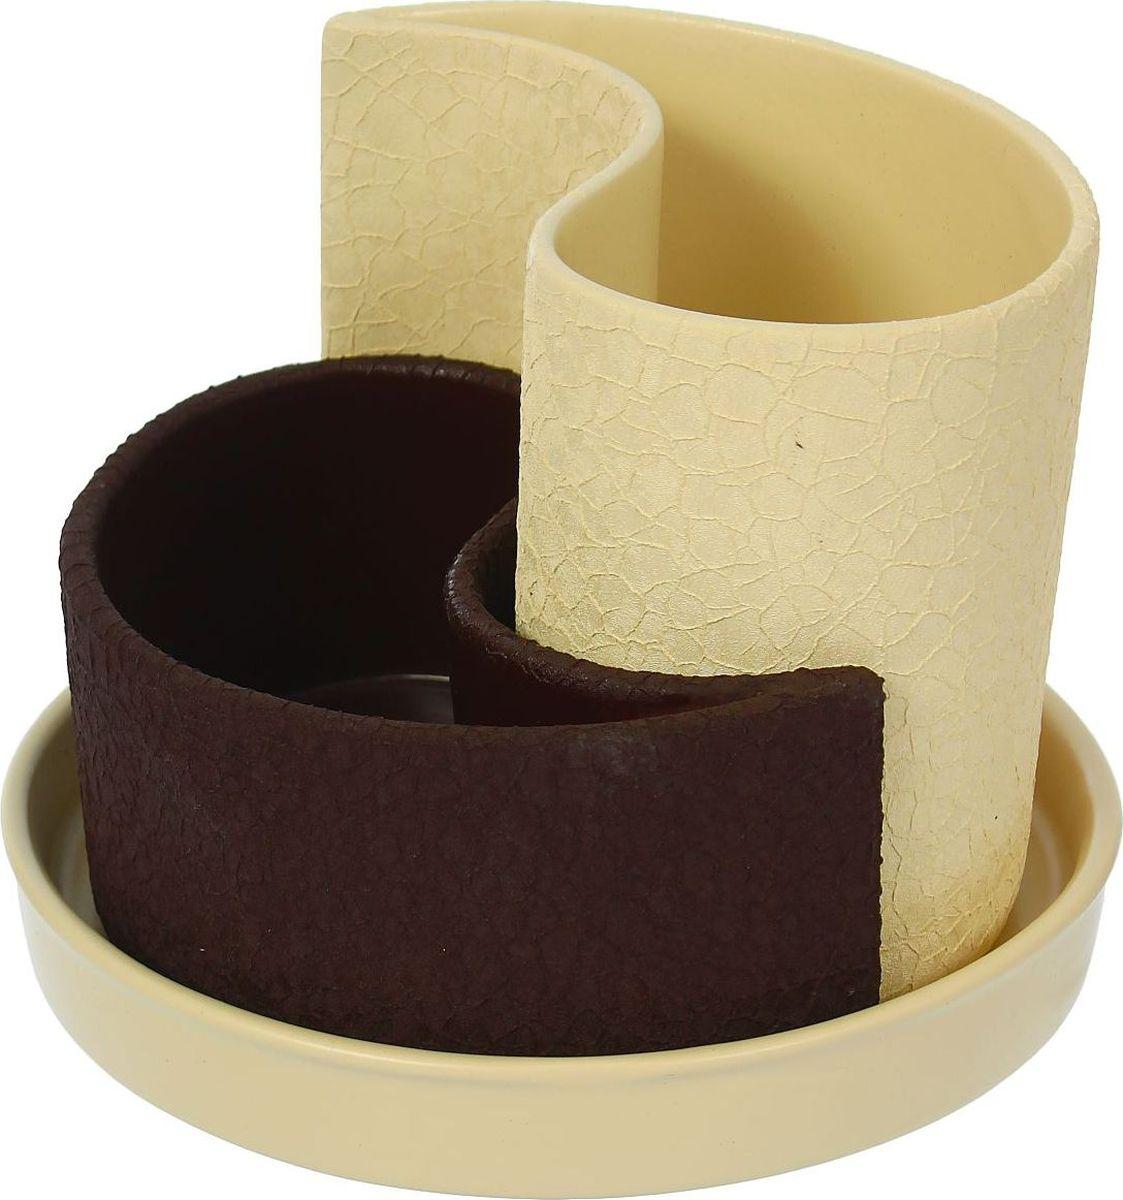 Набор кашпо Керамика ручной работы Капля, цвет: бежевый, шоколадный, 2 предмета531-105Горшок Капля 0,7л,1,3л Шелк бежево-шоколадный 1309273